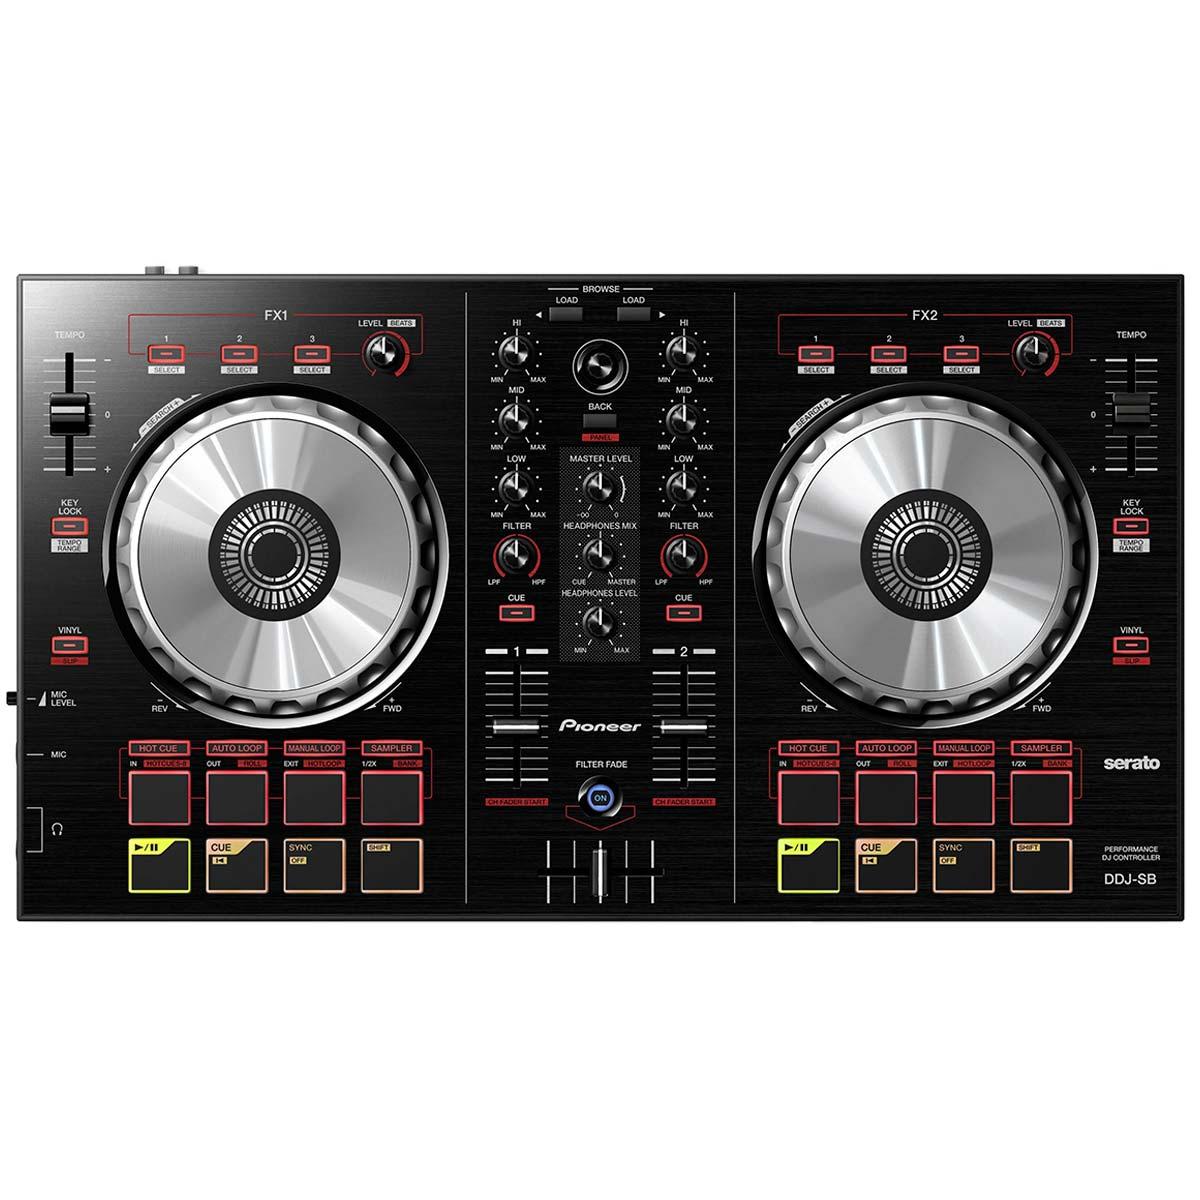 DDJSB - Controladora DJ c/ USB DDJ SB Preta - Pioneer